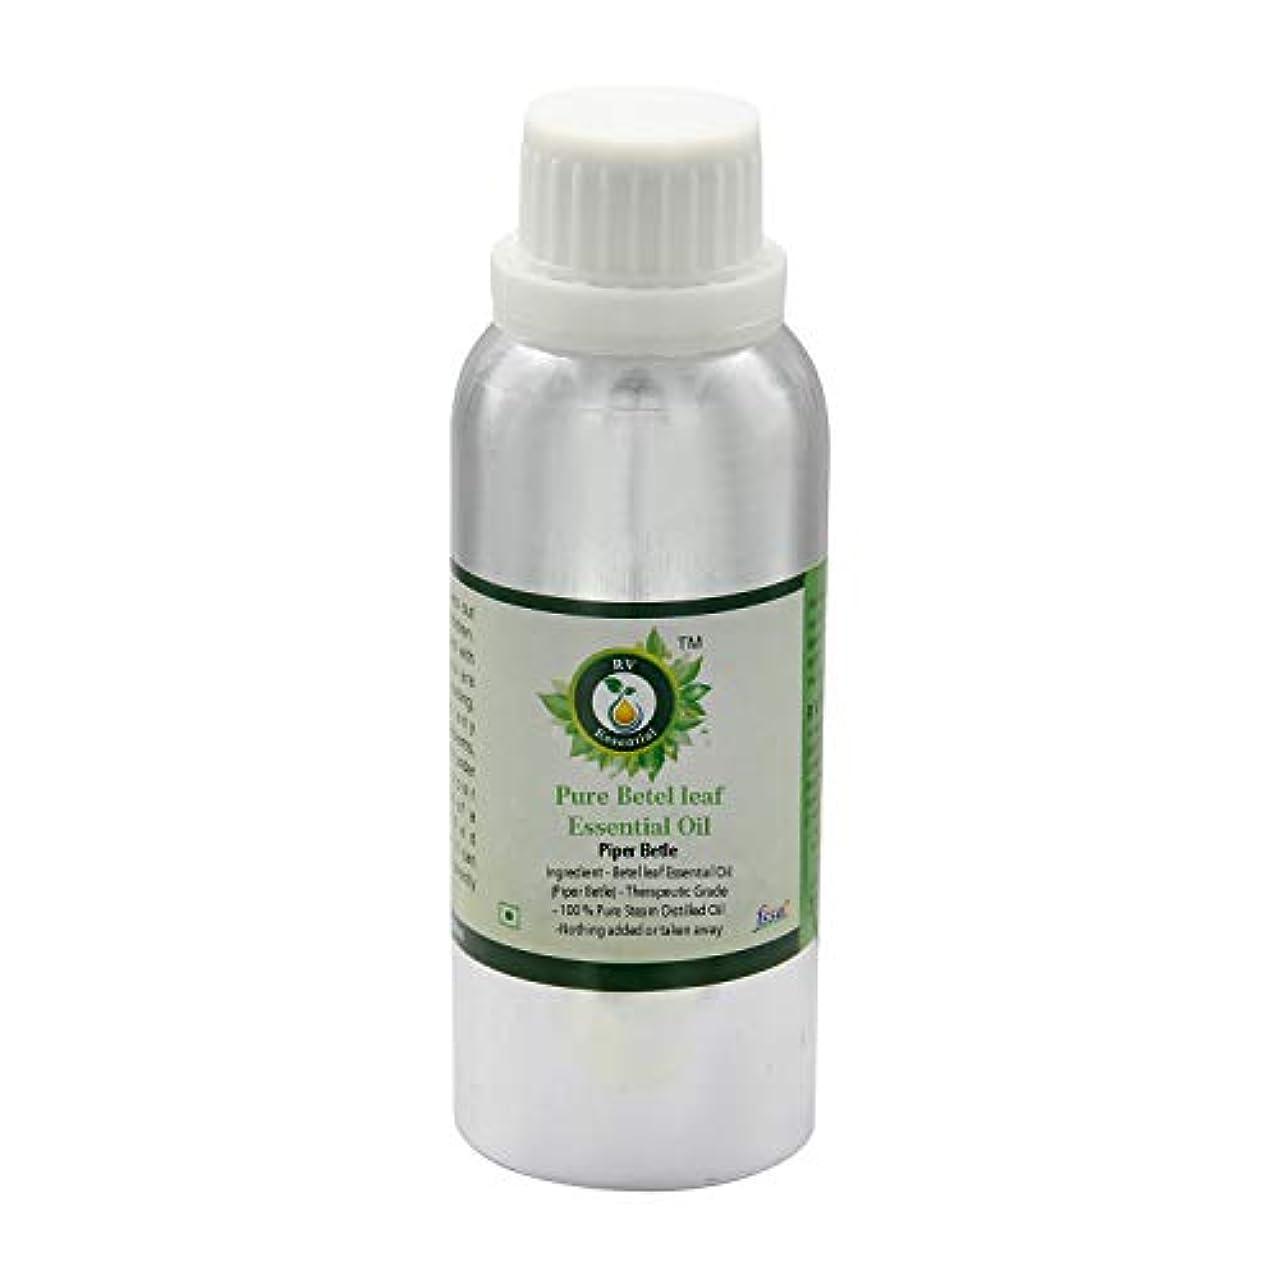 拡張音声推測R V Essential ピュアBetel葉エッセンシャルオイル1250ml (42oz)- Piper Betle (100%純粋&天然スチームDistilled) Pure Betel leaf Essential...